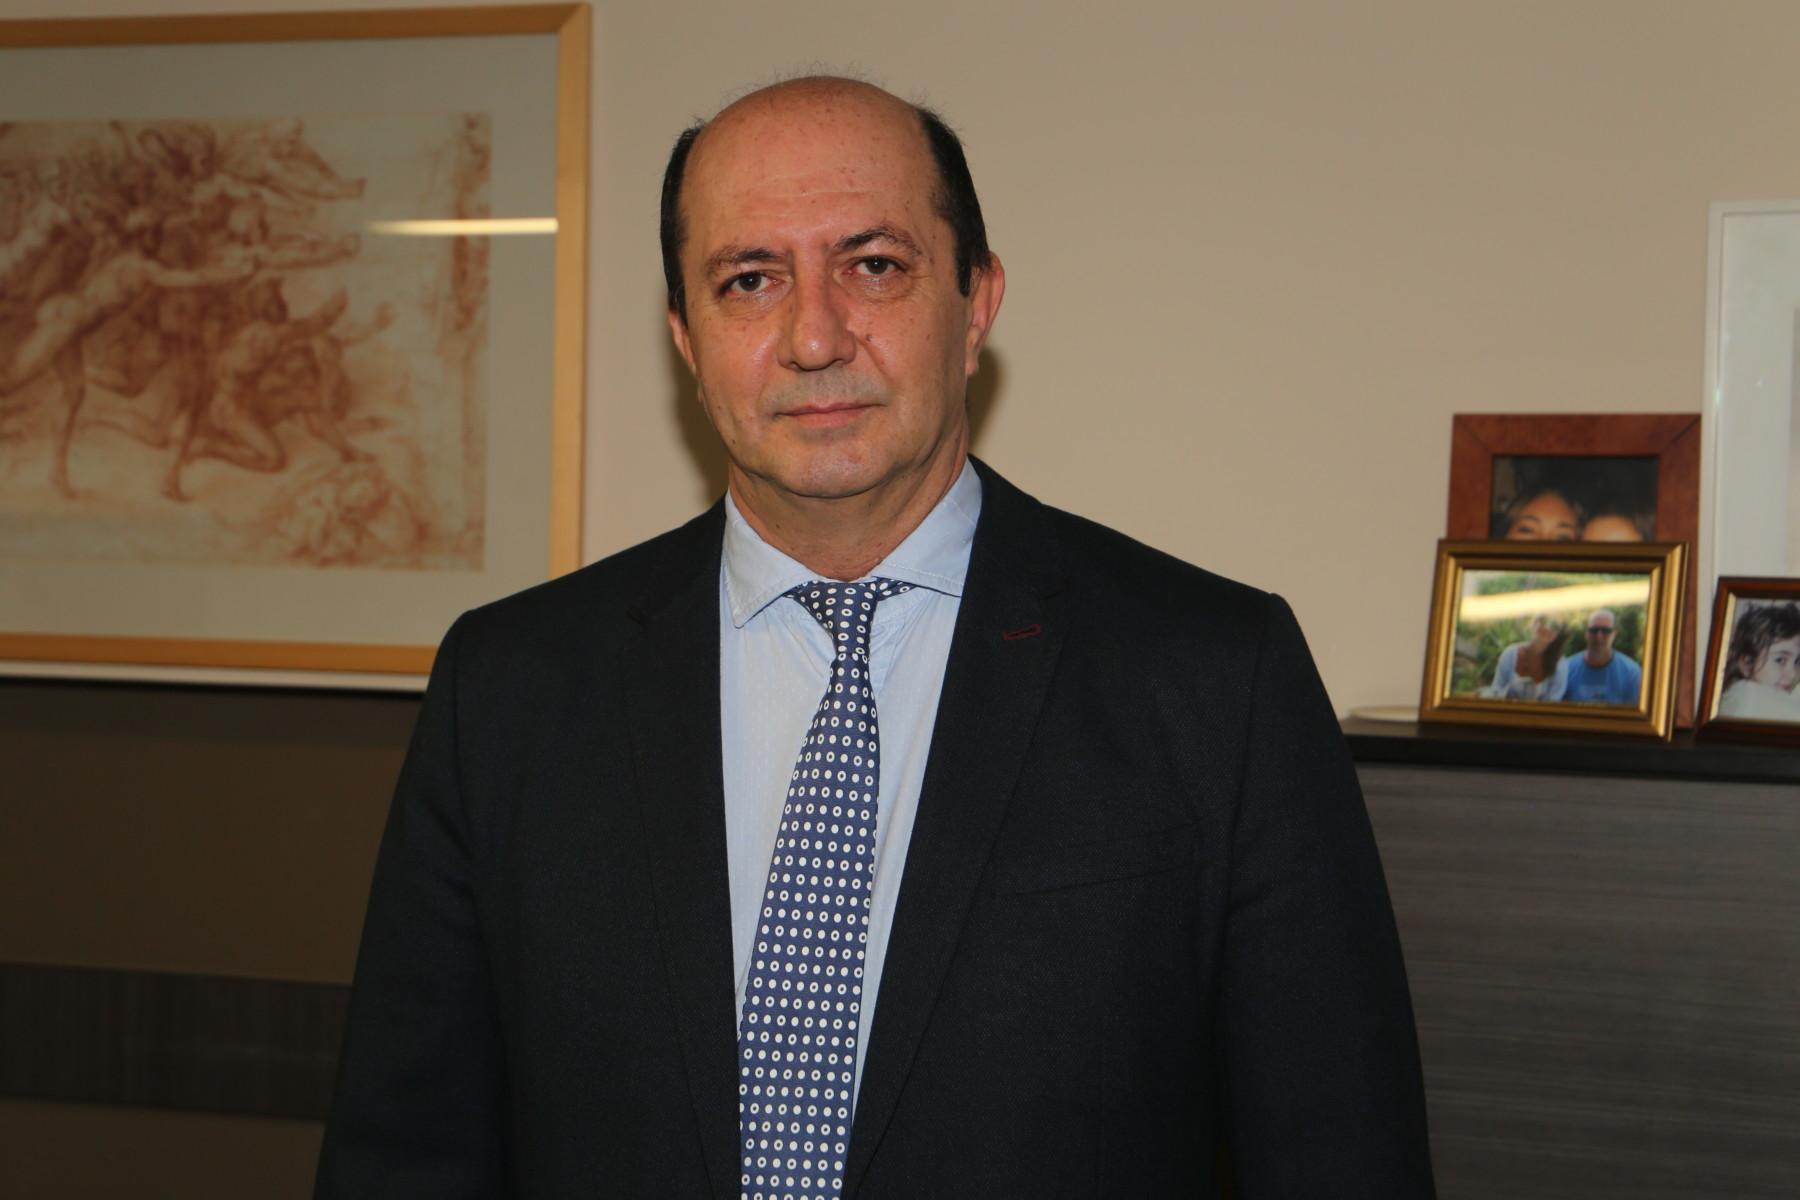 Δημήτρης Μιχαήλ, φωτ. prosopa.net/Λεωνίδας Τζέκας